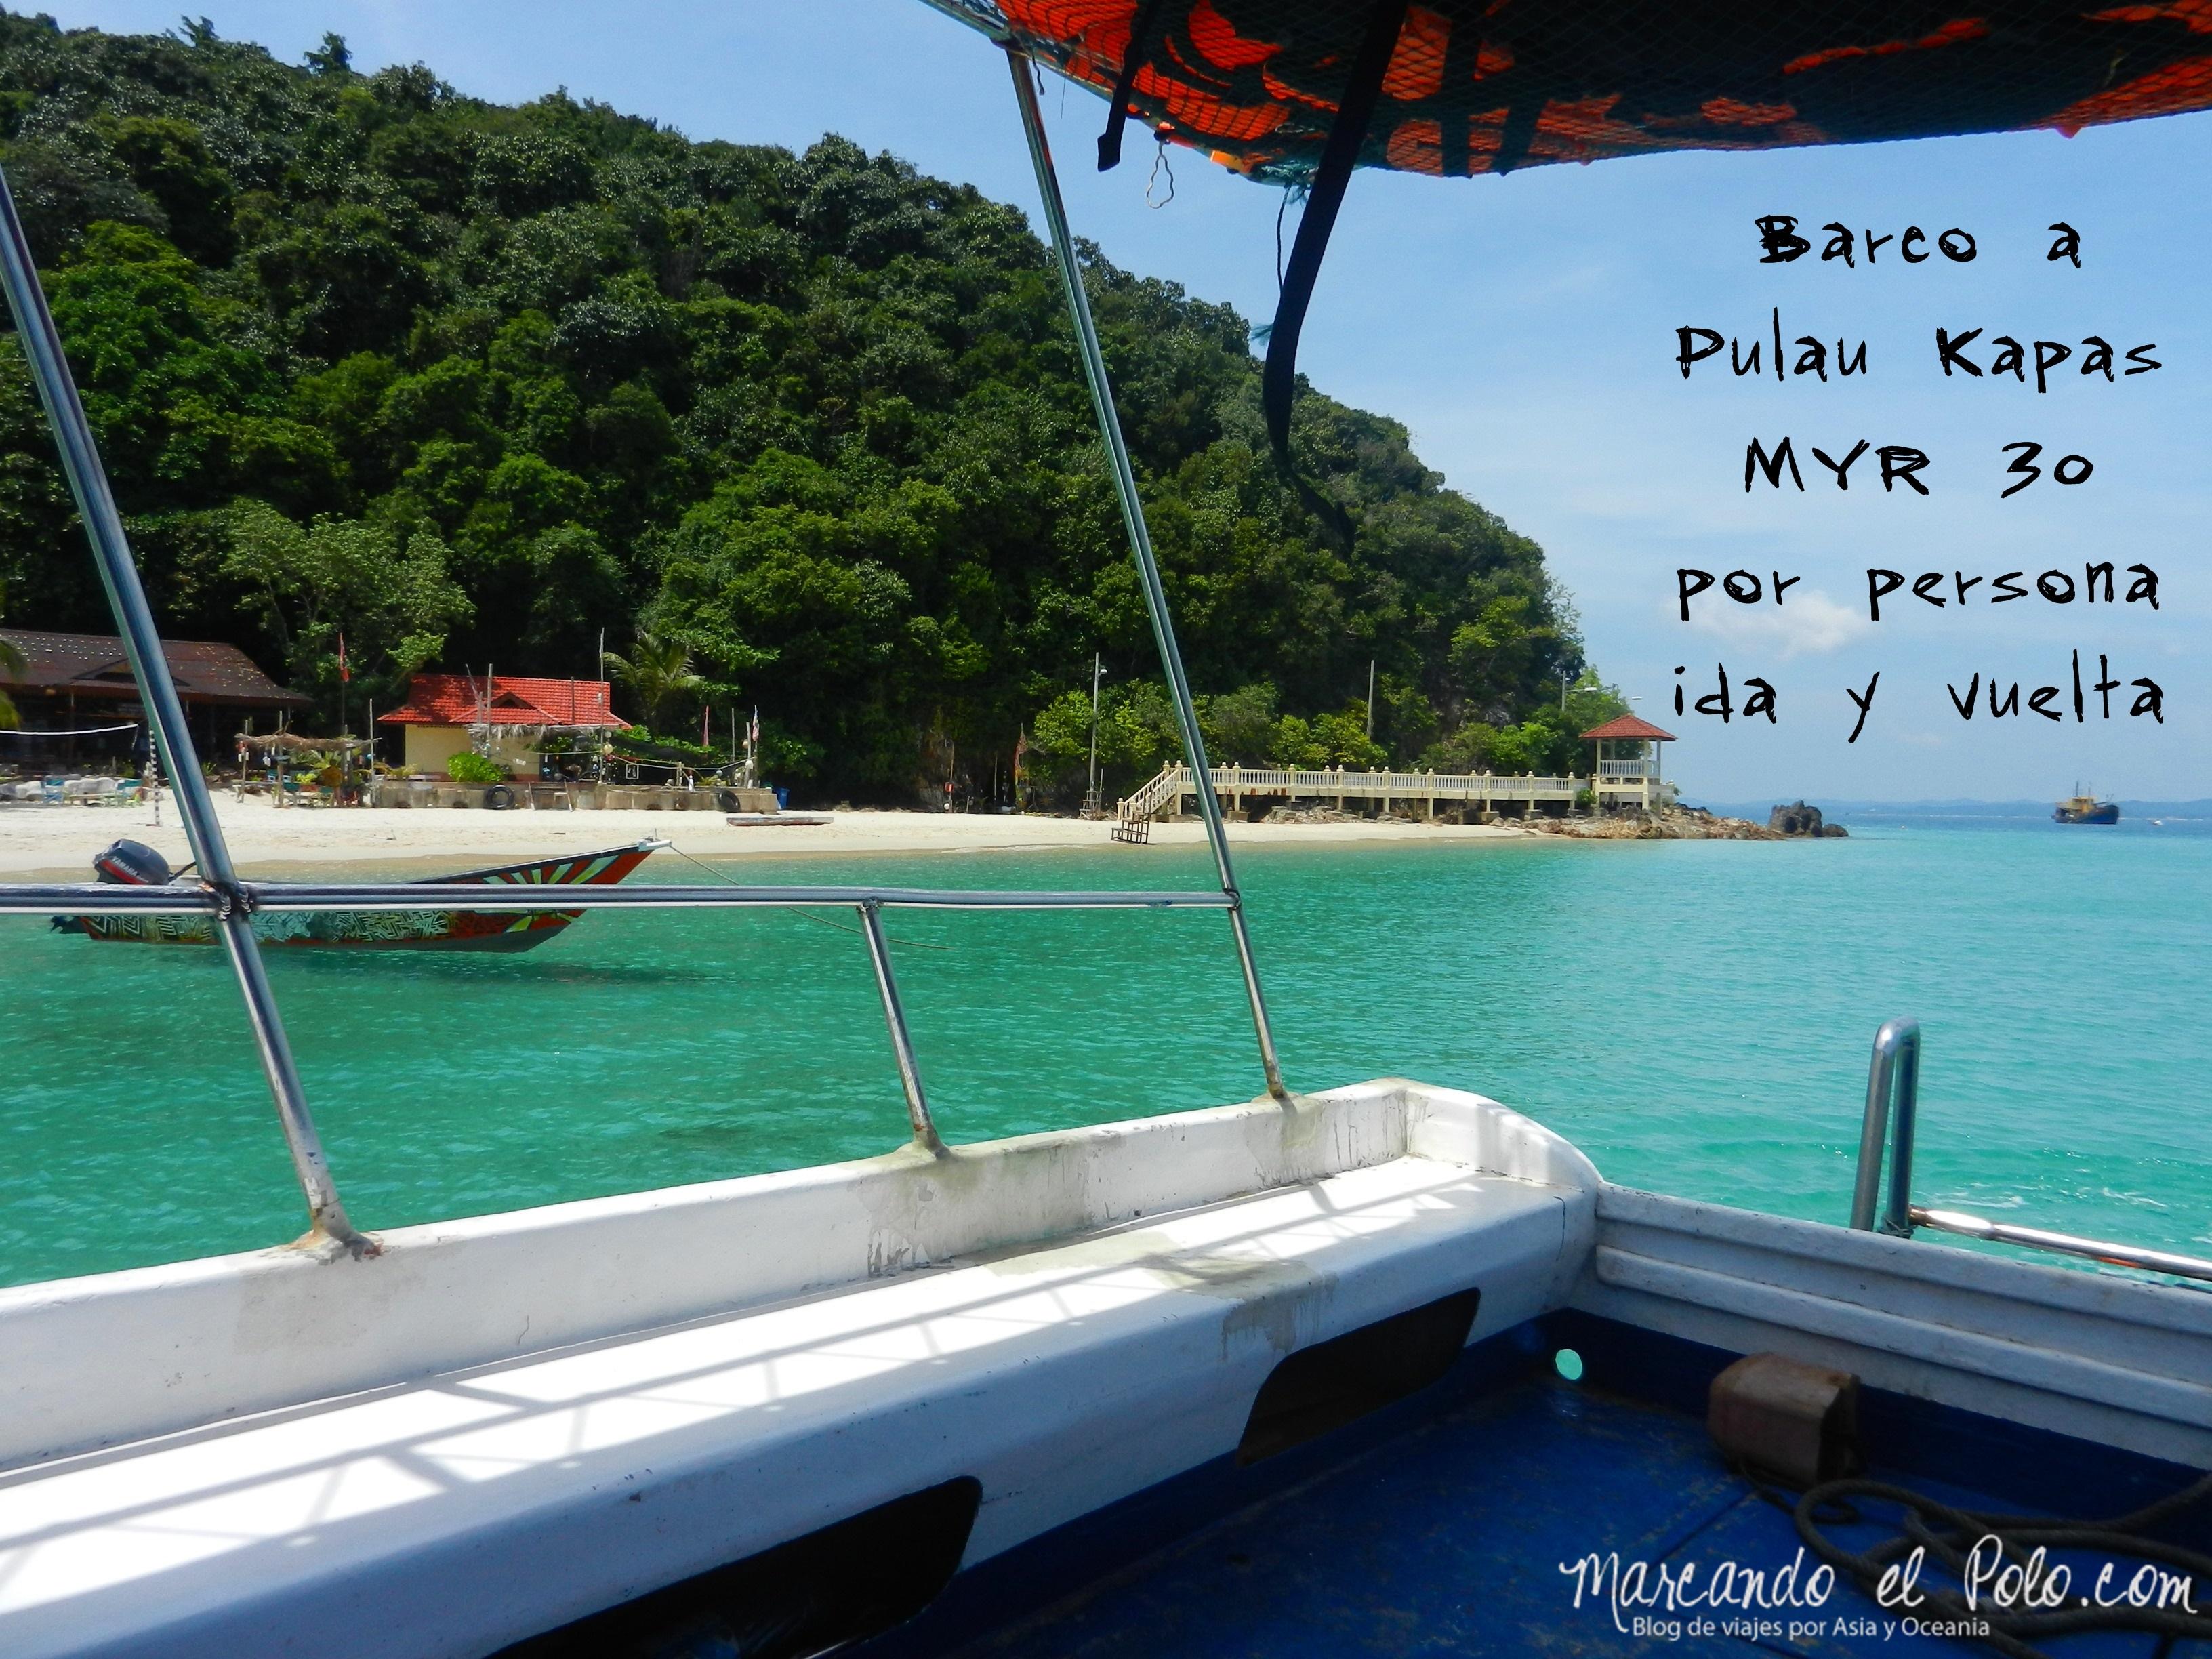 Barco a Pulau Kapas, Malasia